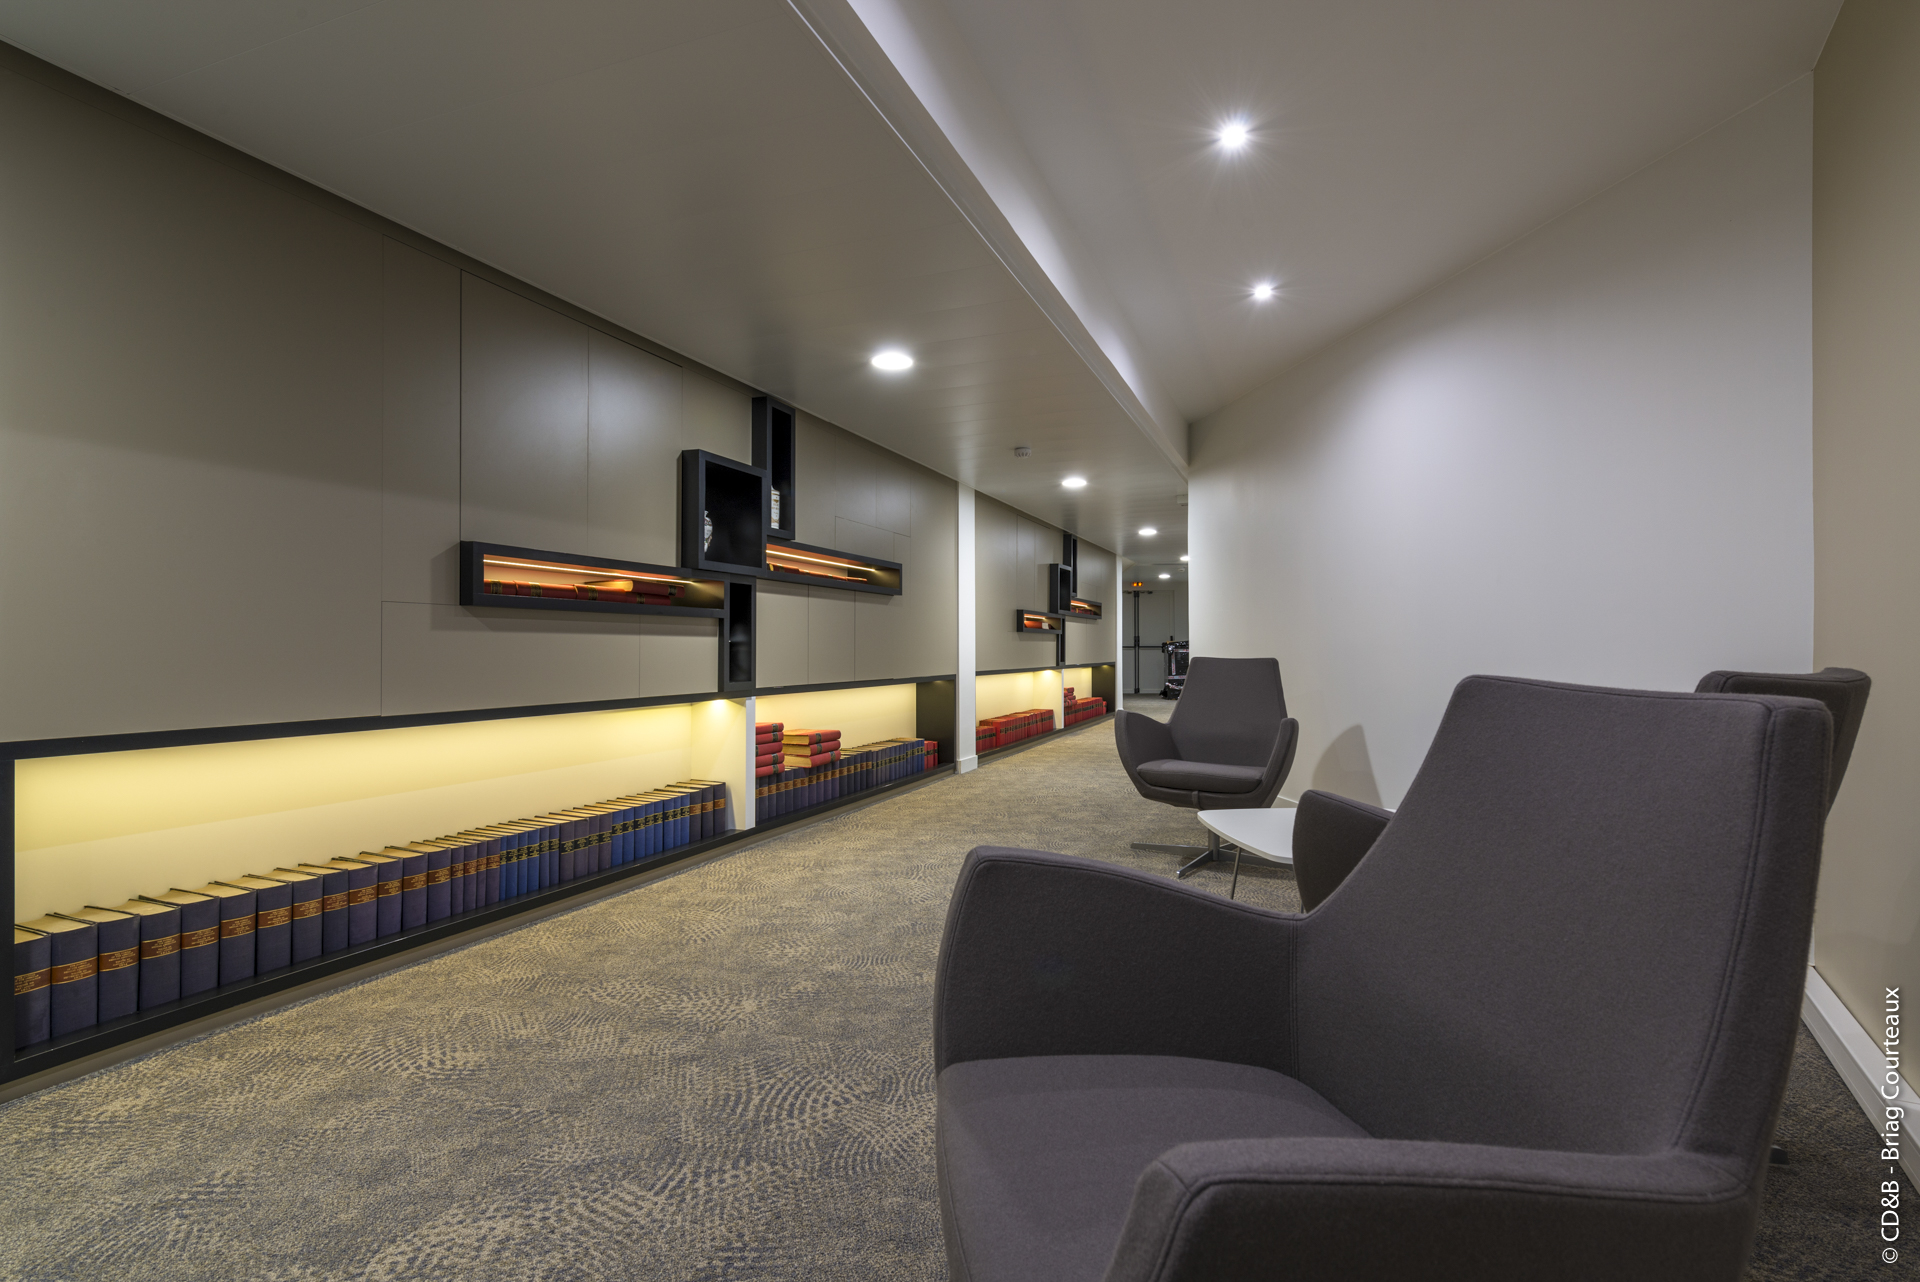 Conseil, aménagement, conception et réalisation des espaces de la société Leem par CDB, Meet you there.